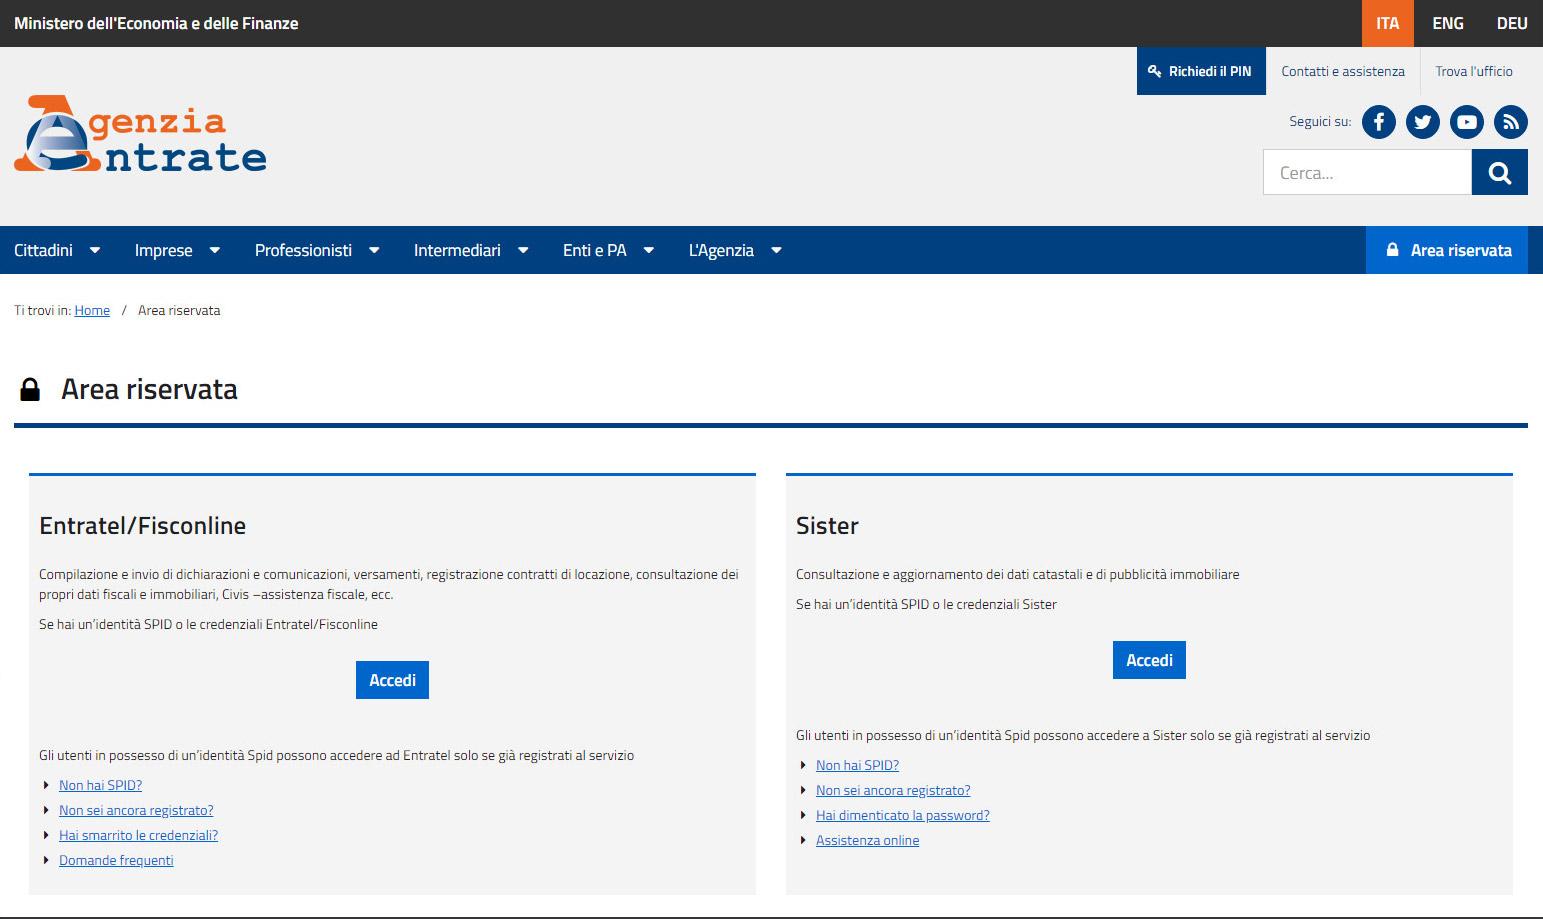 Agenzia entrate - Accesso con credenziali agenzia